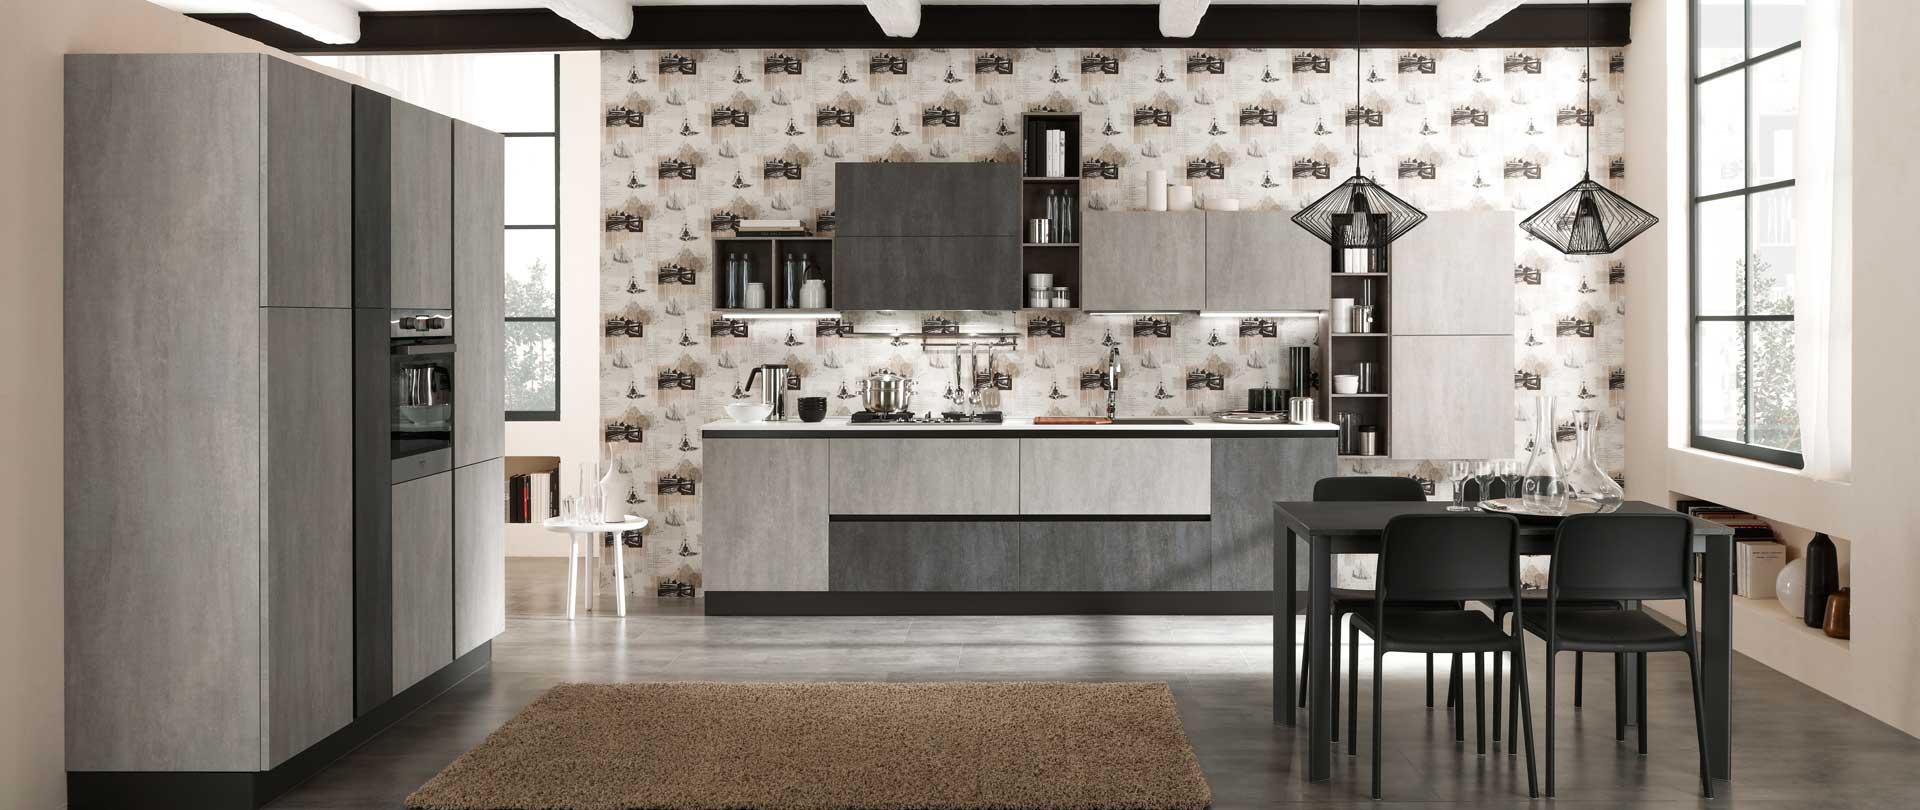 Cucina Moderna Zen - Mobilturi Italian Kitchens